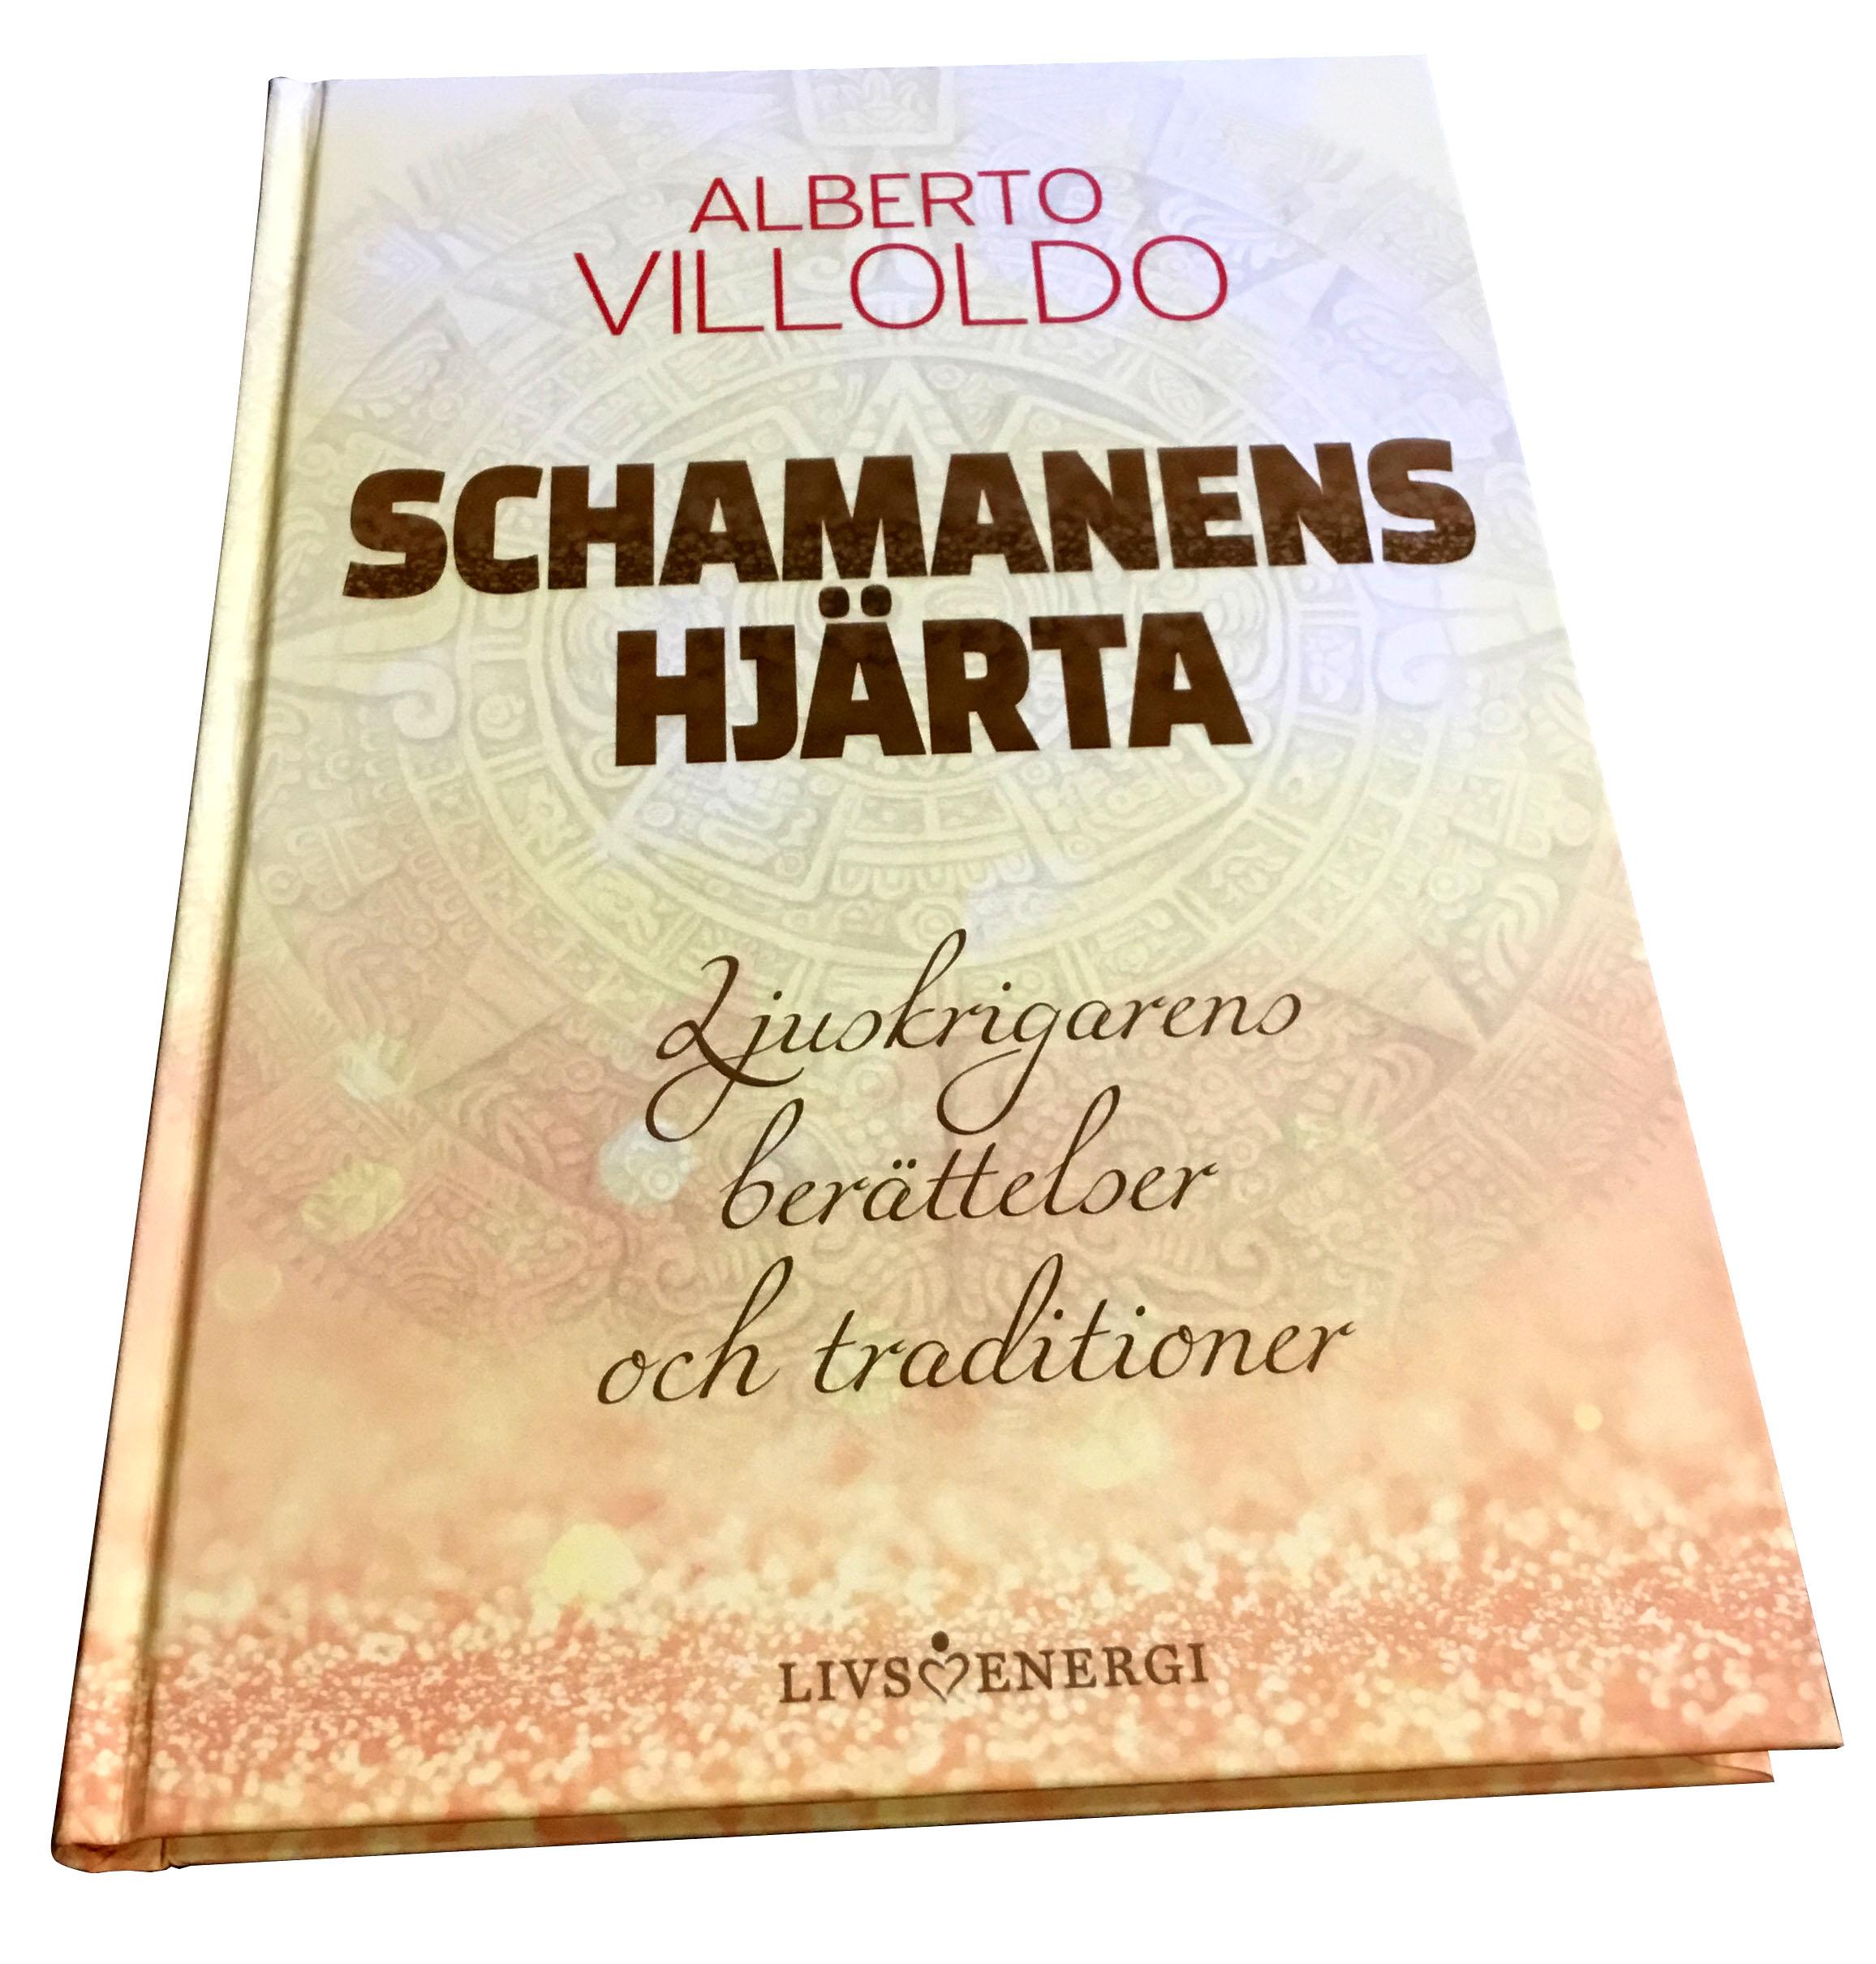 Schamanens hjärta / Alberto Villoldo